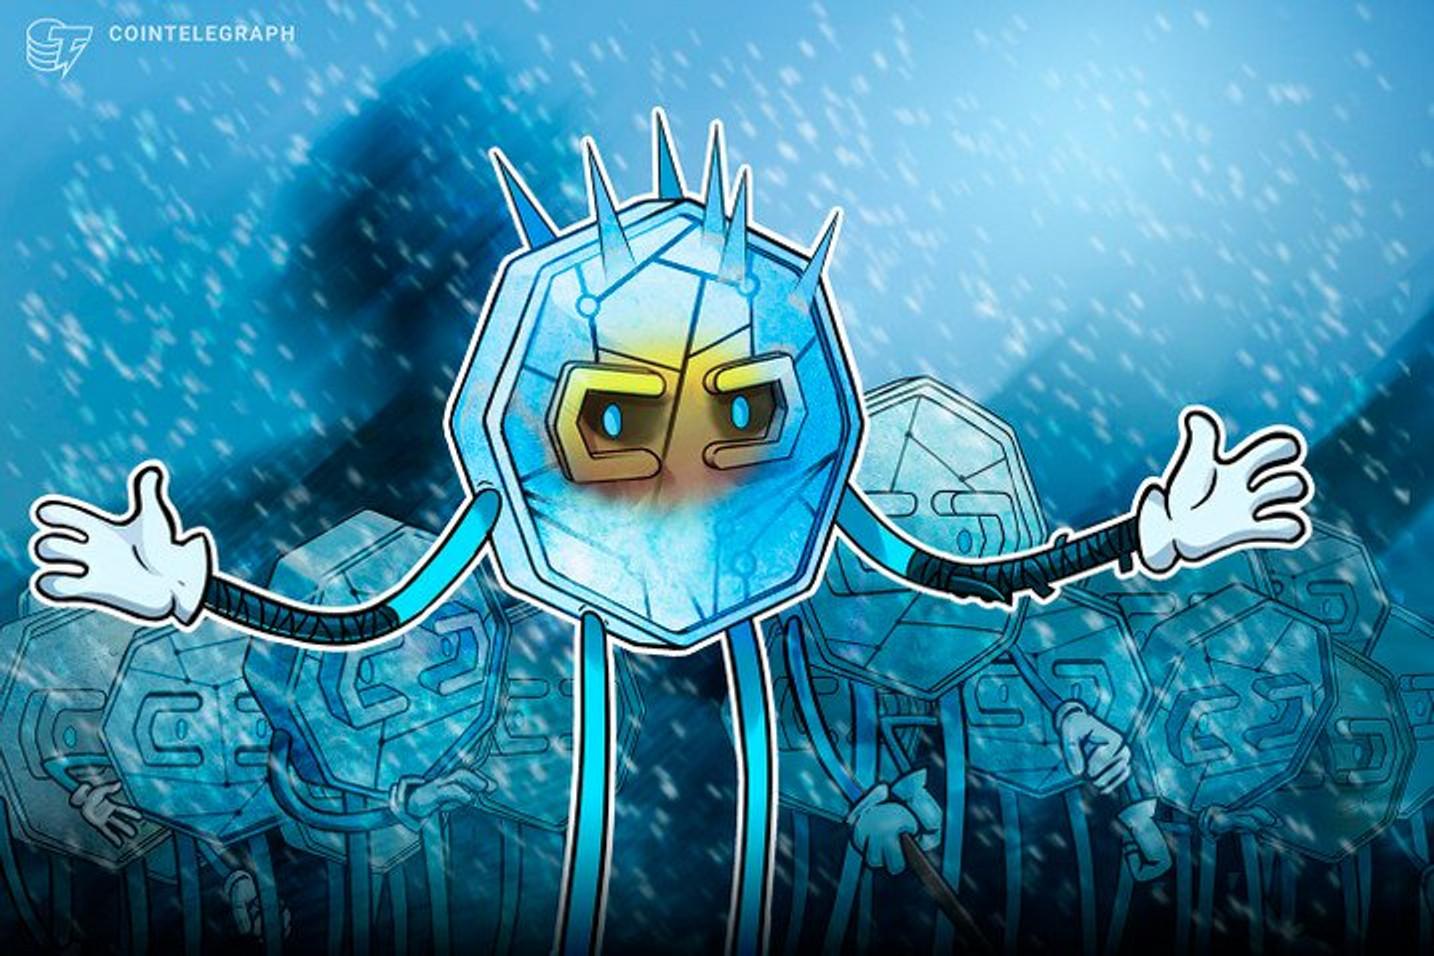 Grandes carteiras de Bitcoin podem ser vulneráveis a ataques duplos